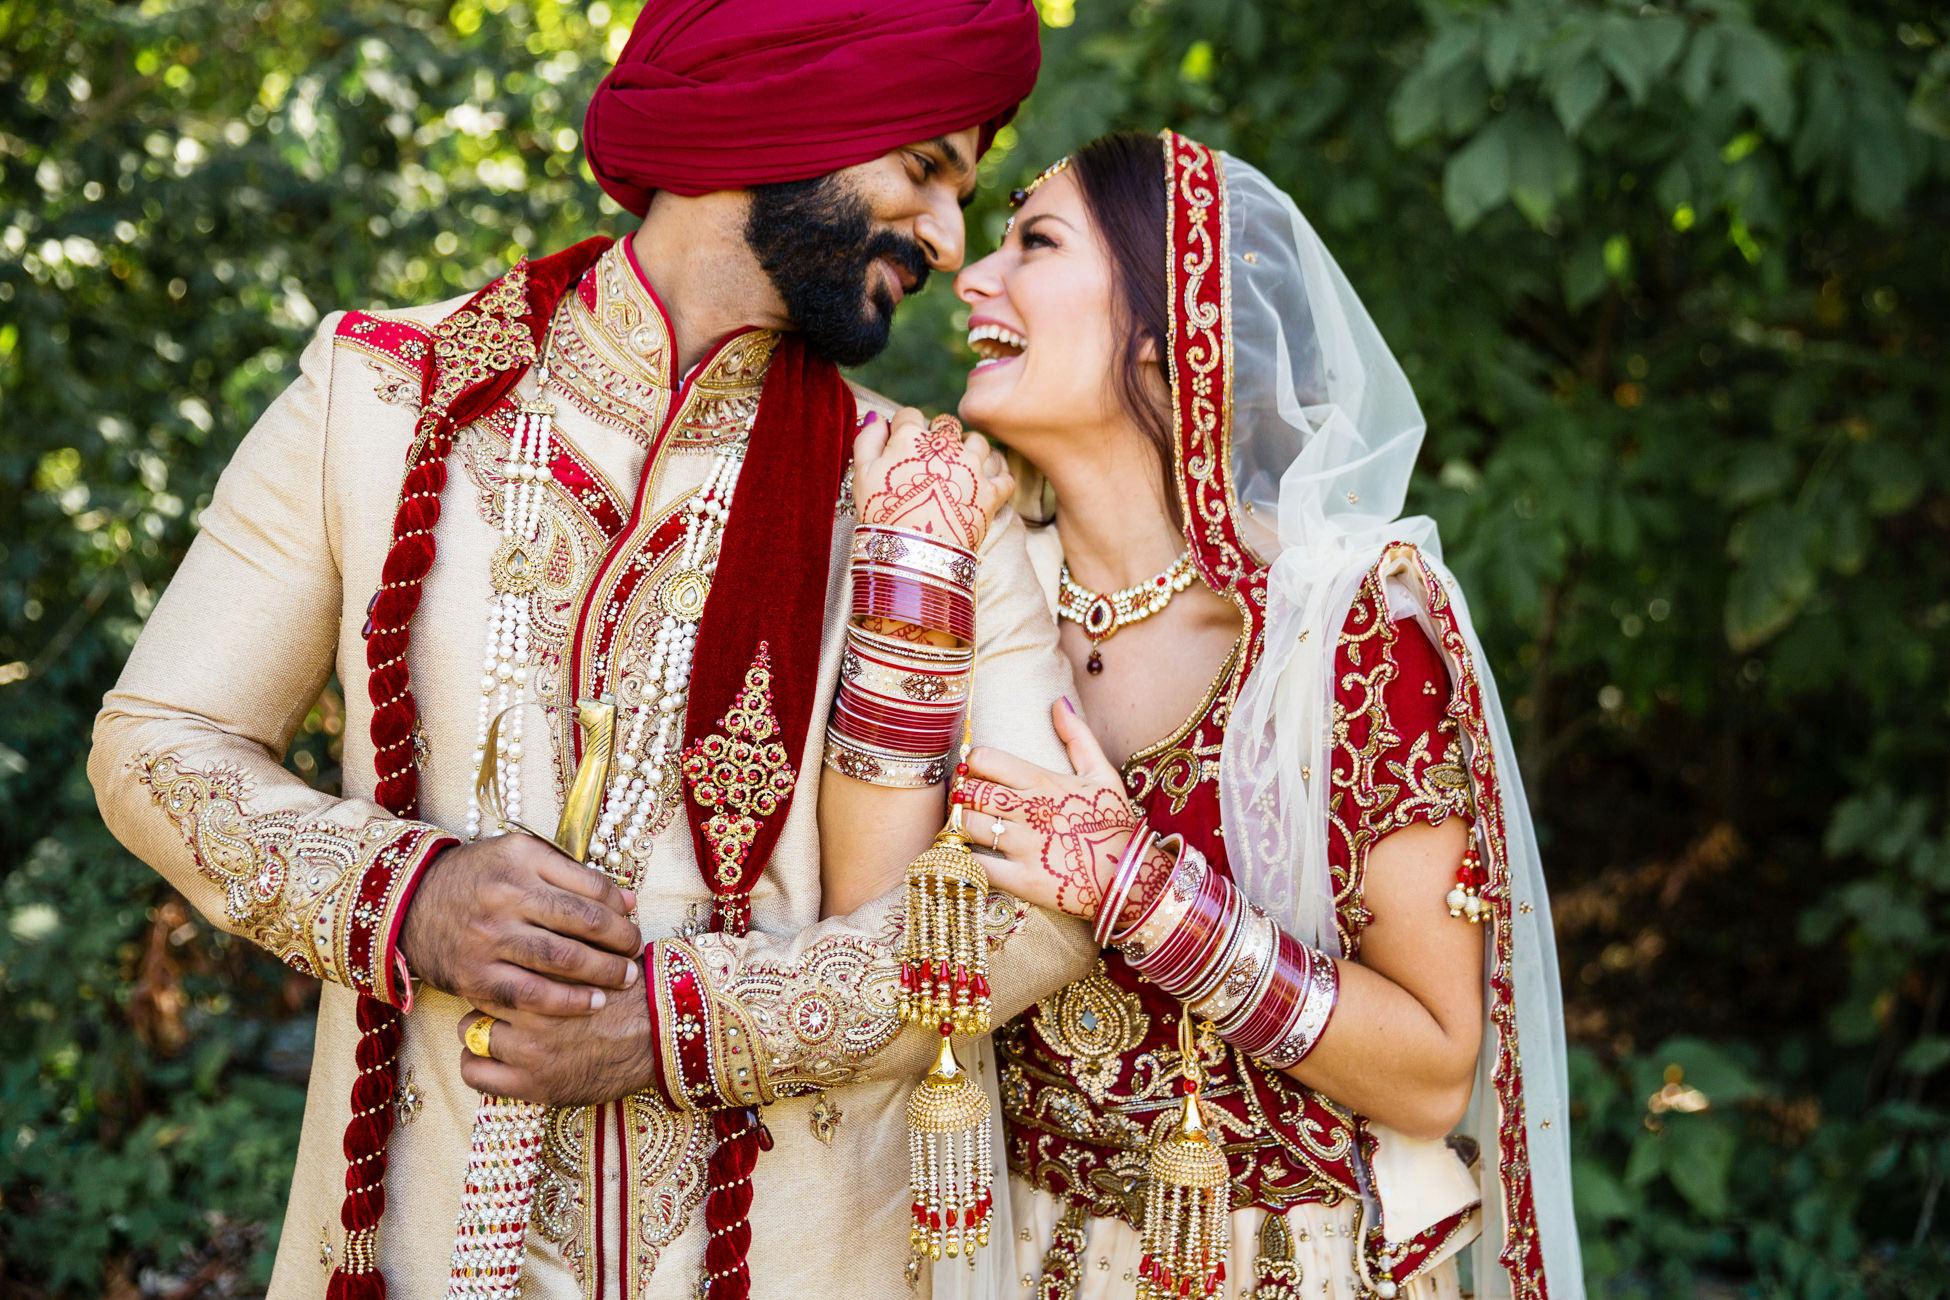 rachael_schirano_photography_wedding-13